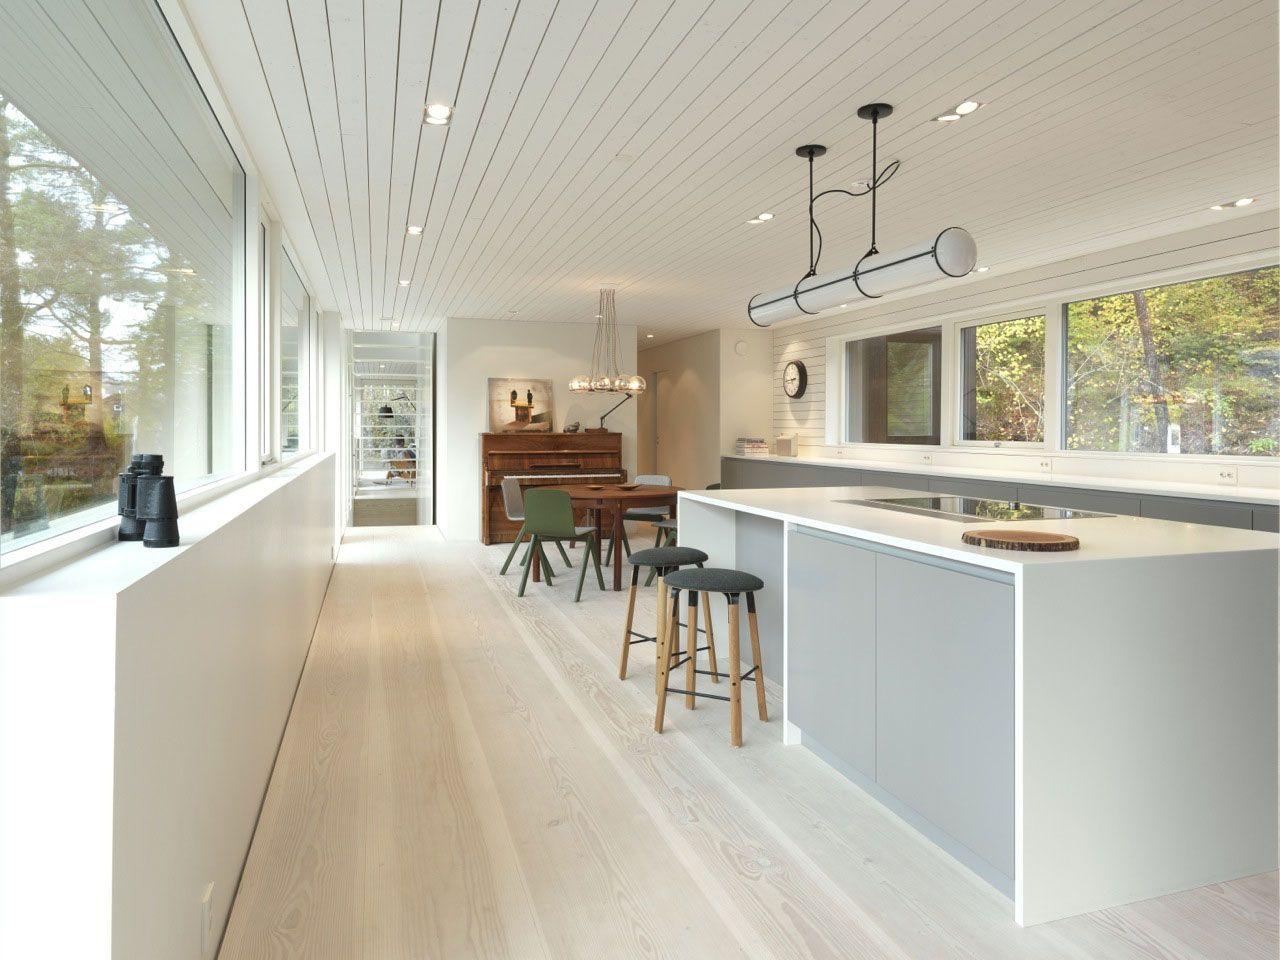 Villa-S-Saunders-Architecture-10